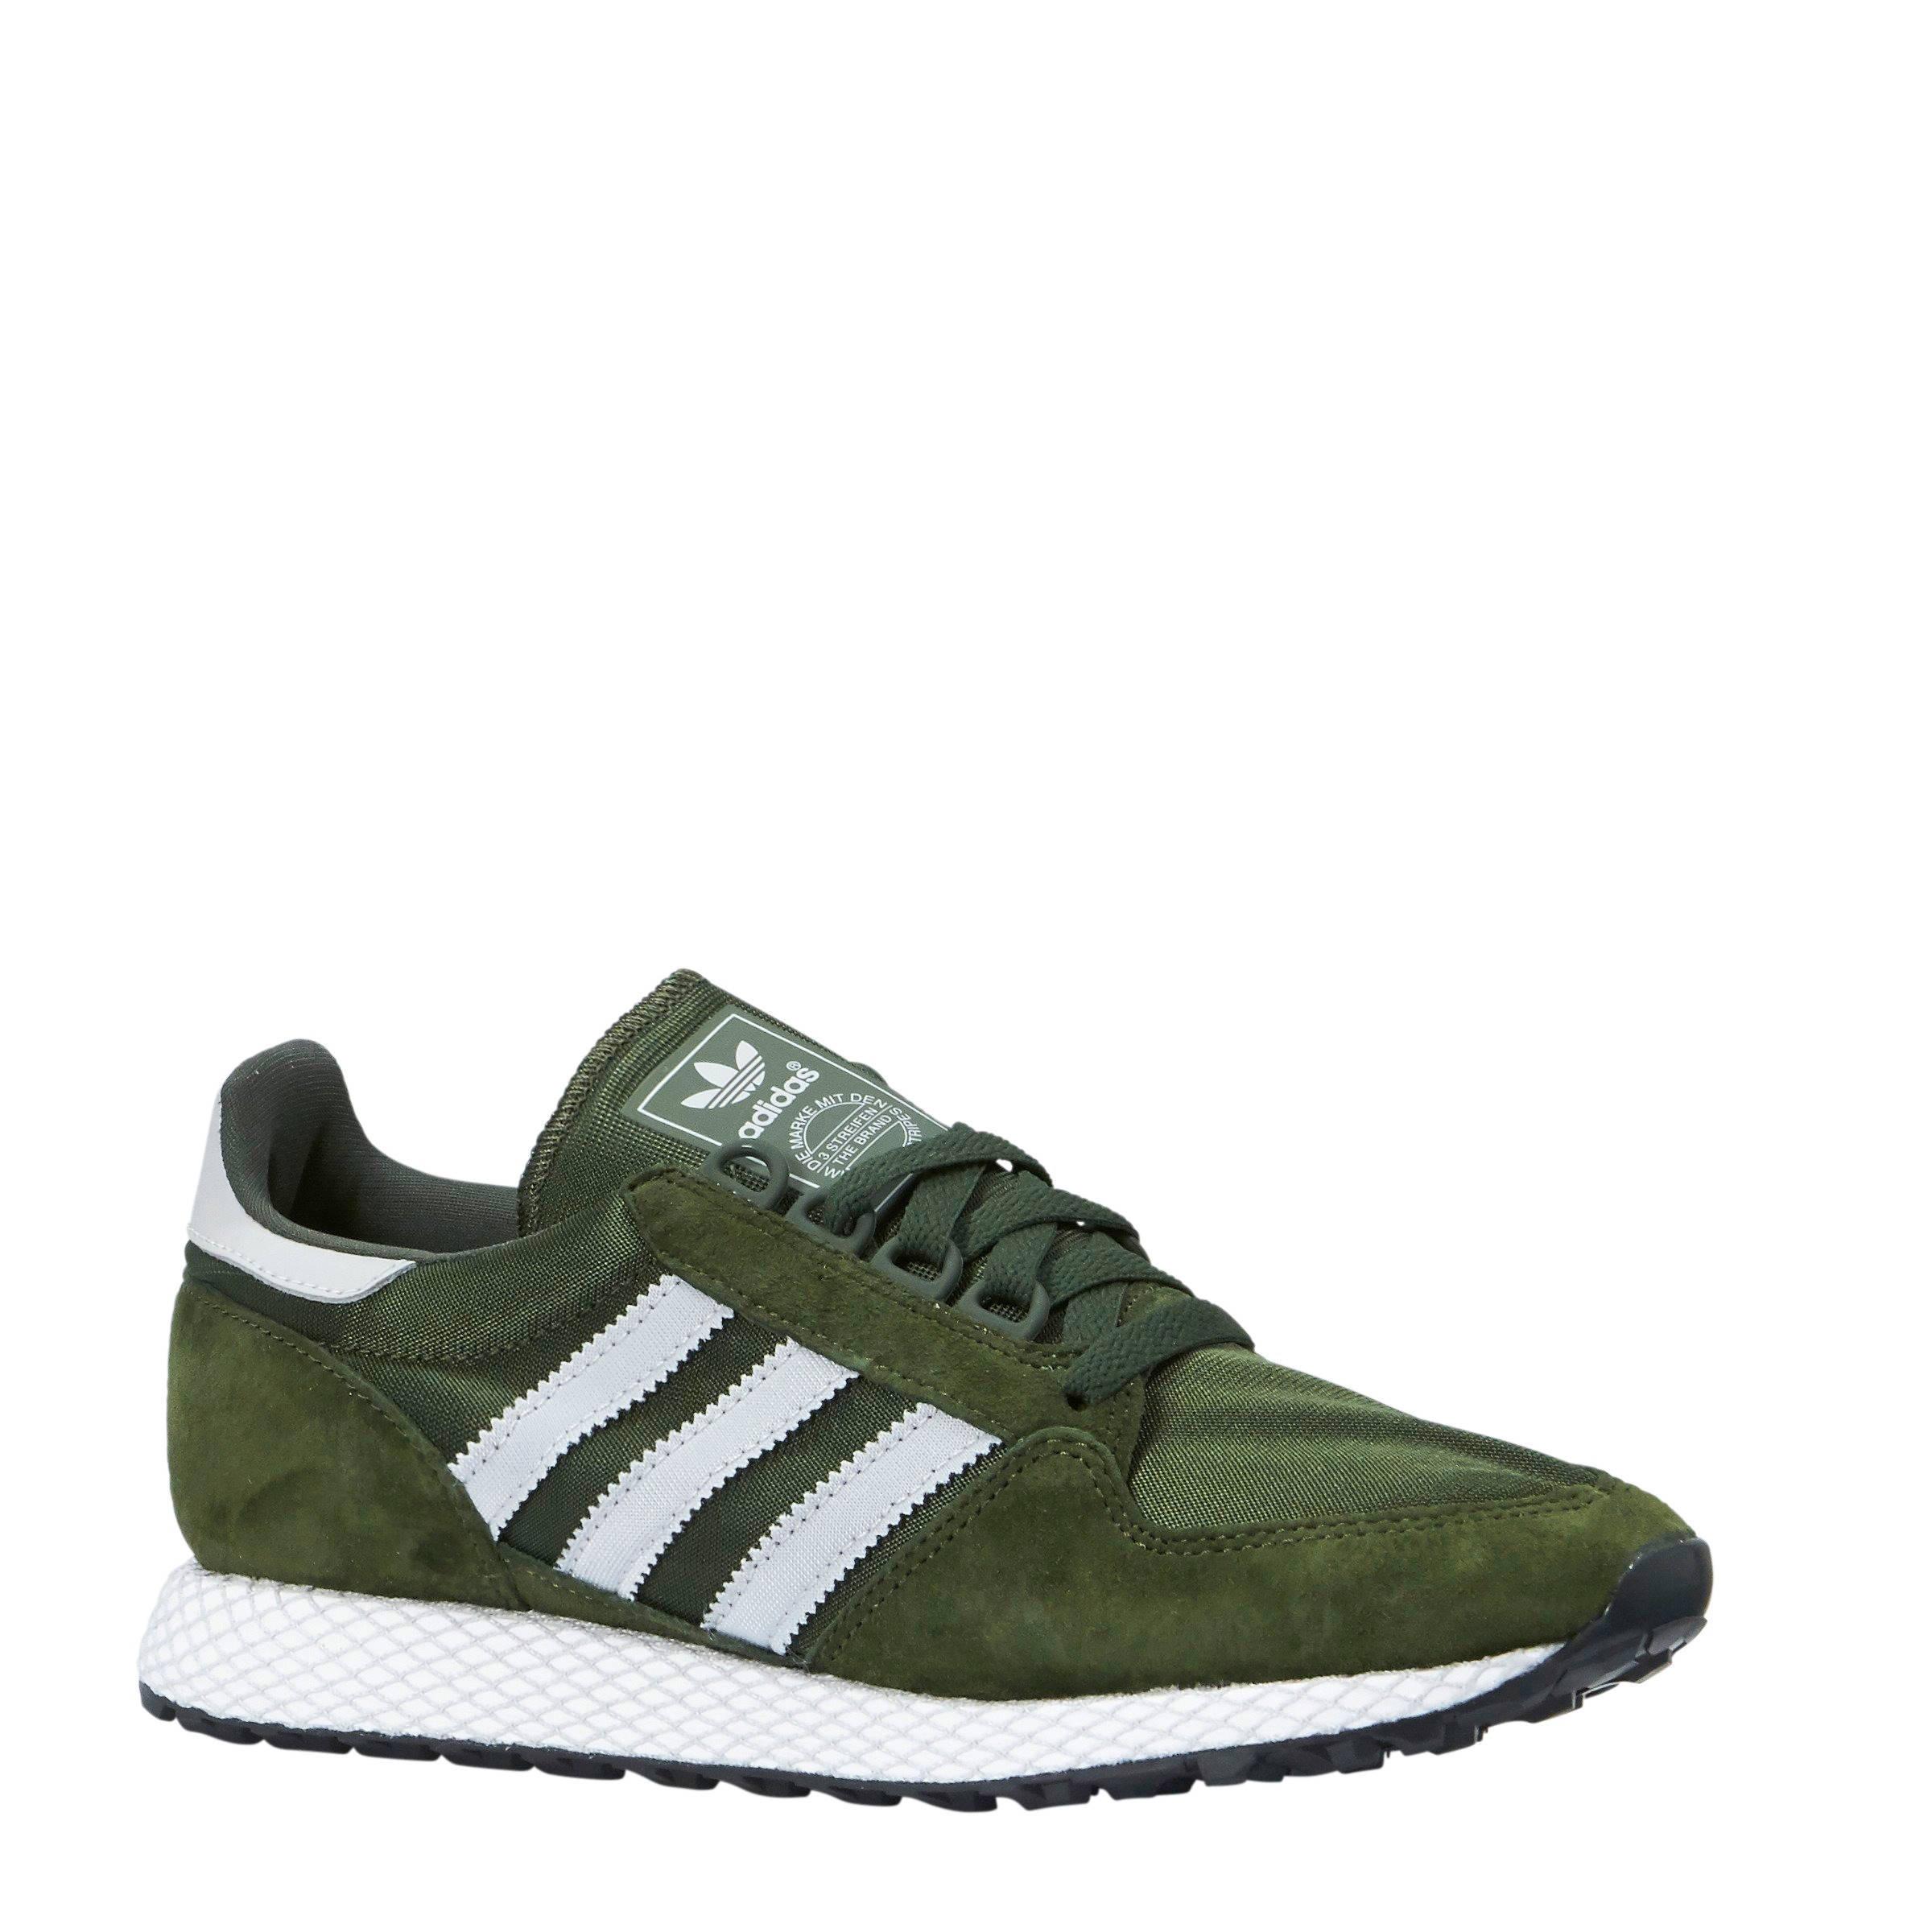 adidas schoenen donkergroen